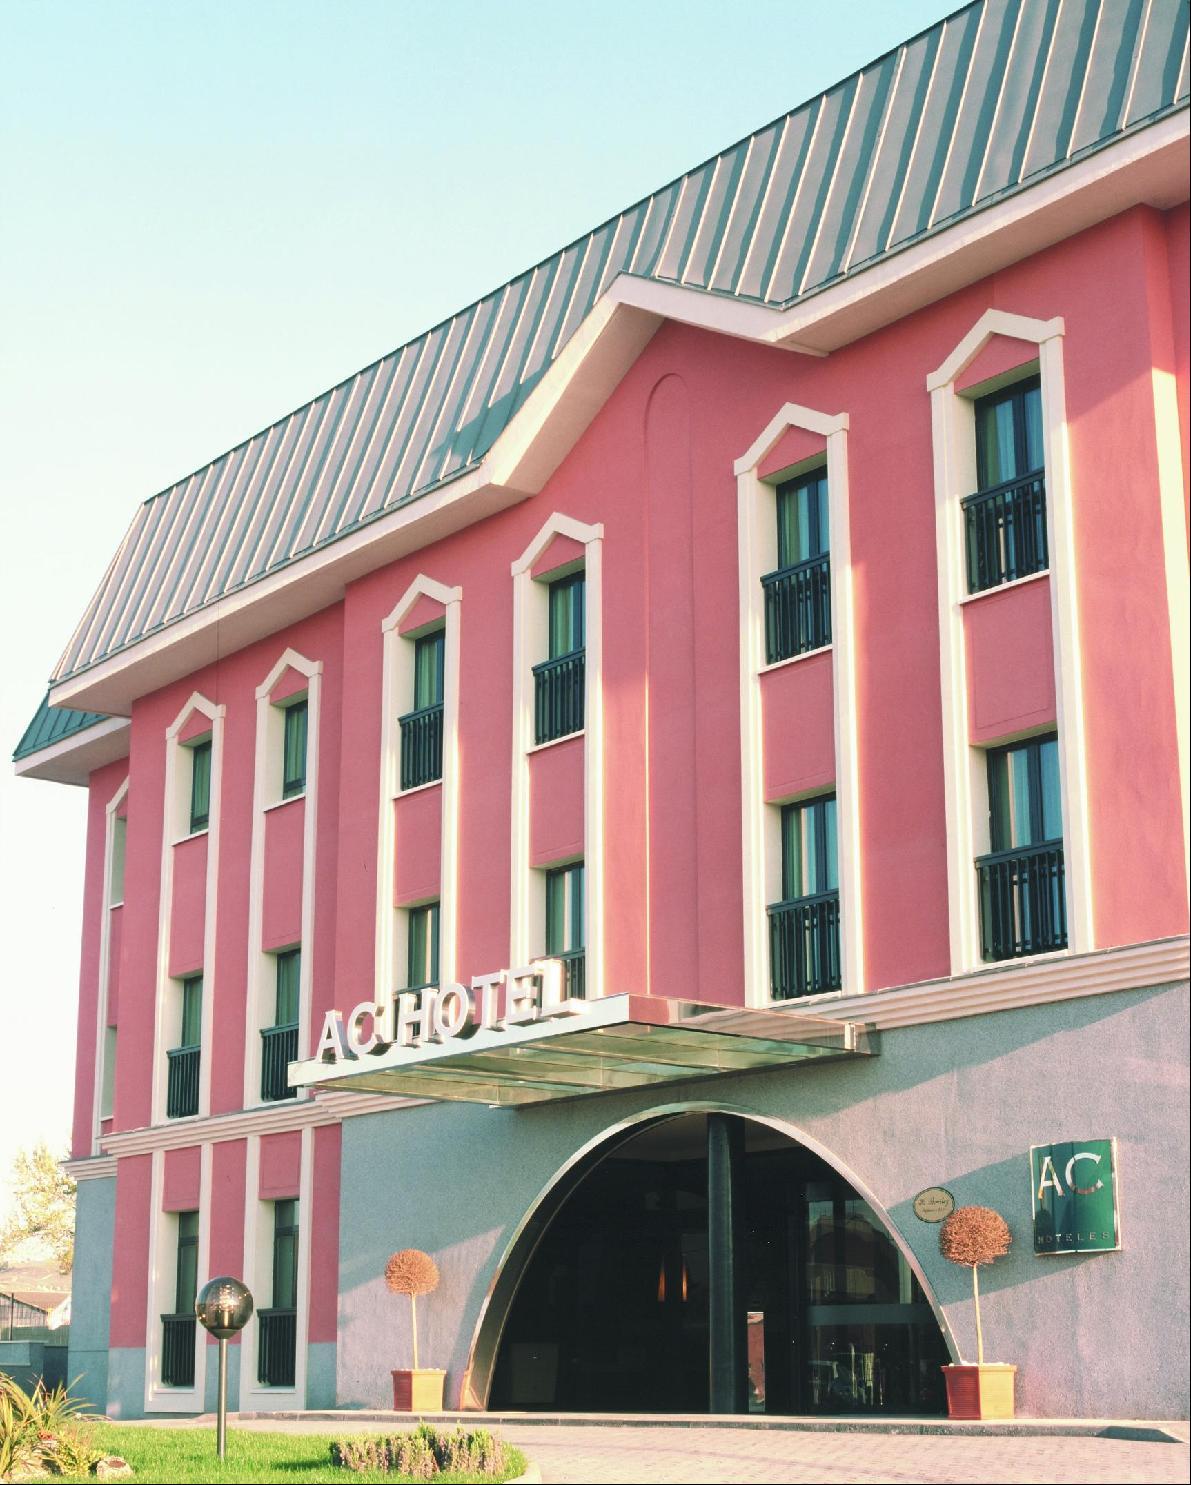 Hotel arganda en arganda del rey - Que ver en arganda del rey ...